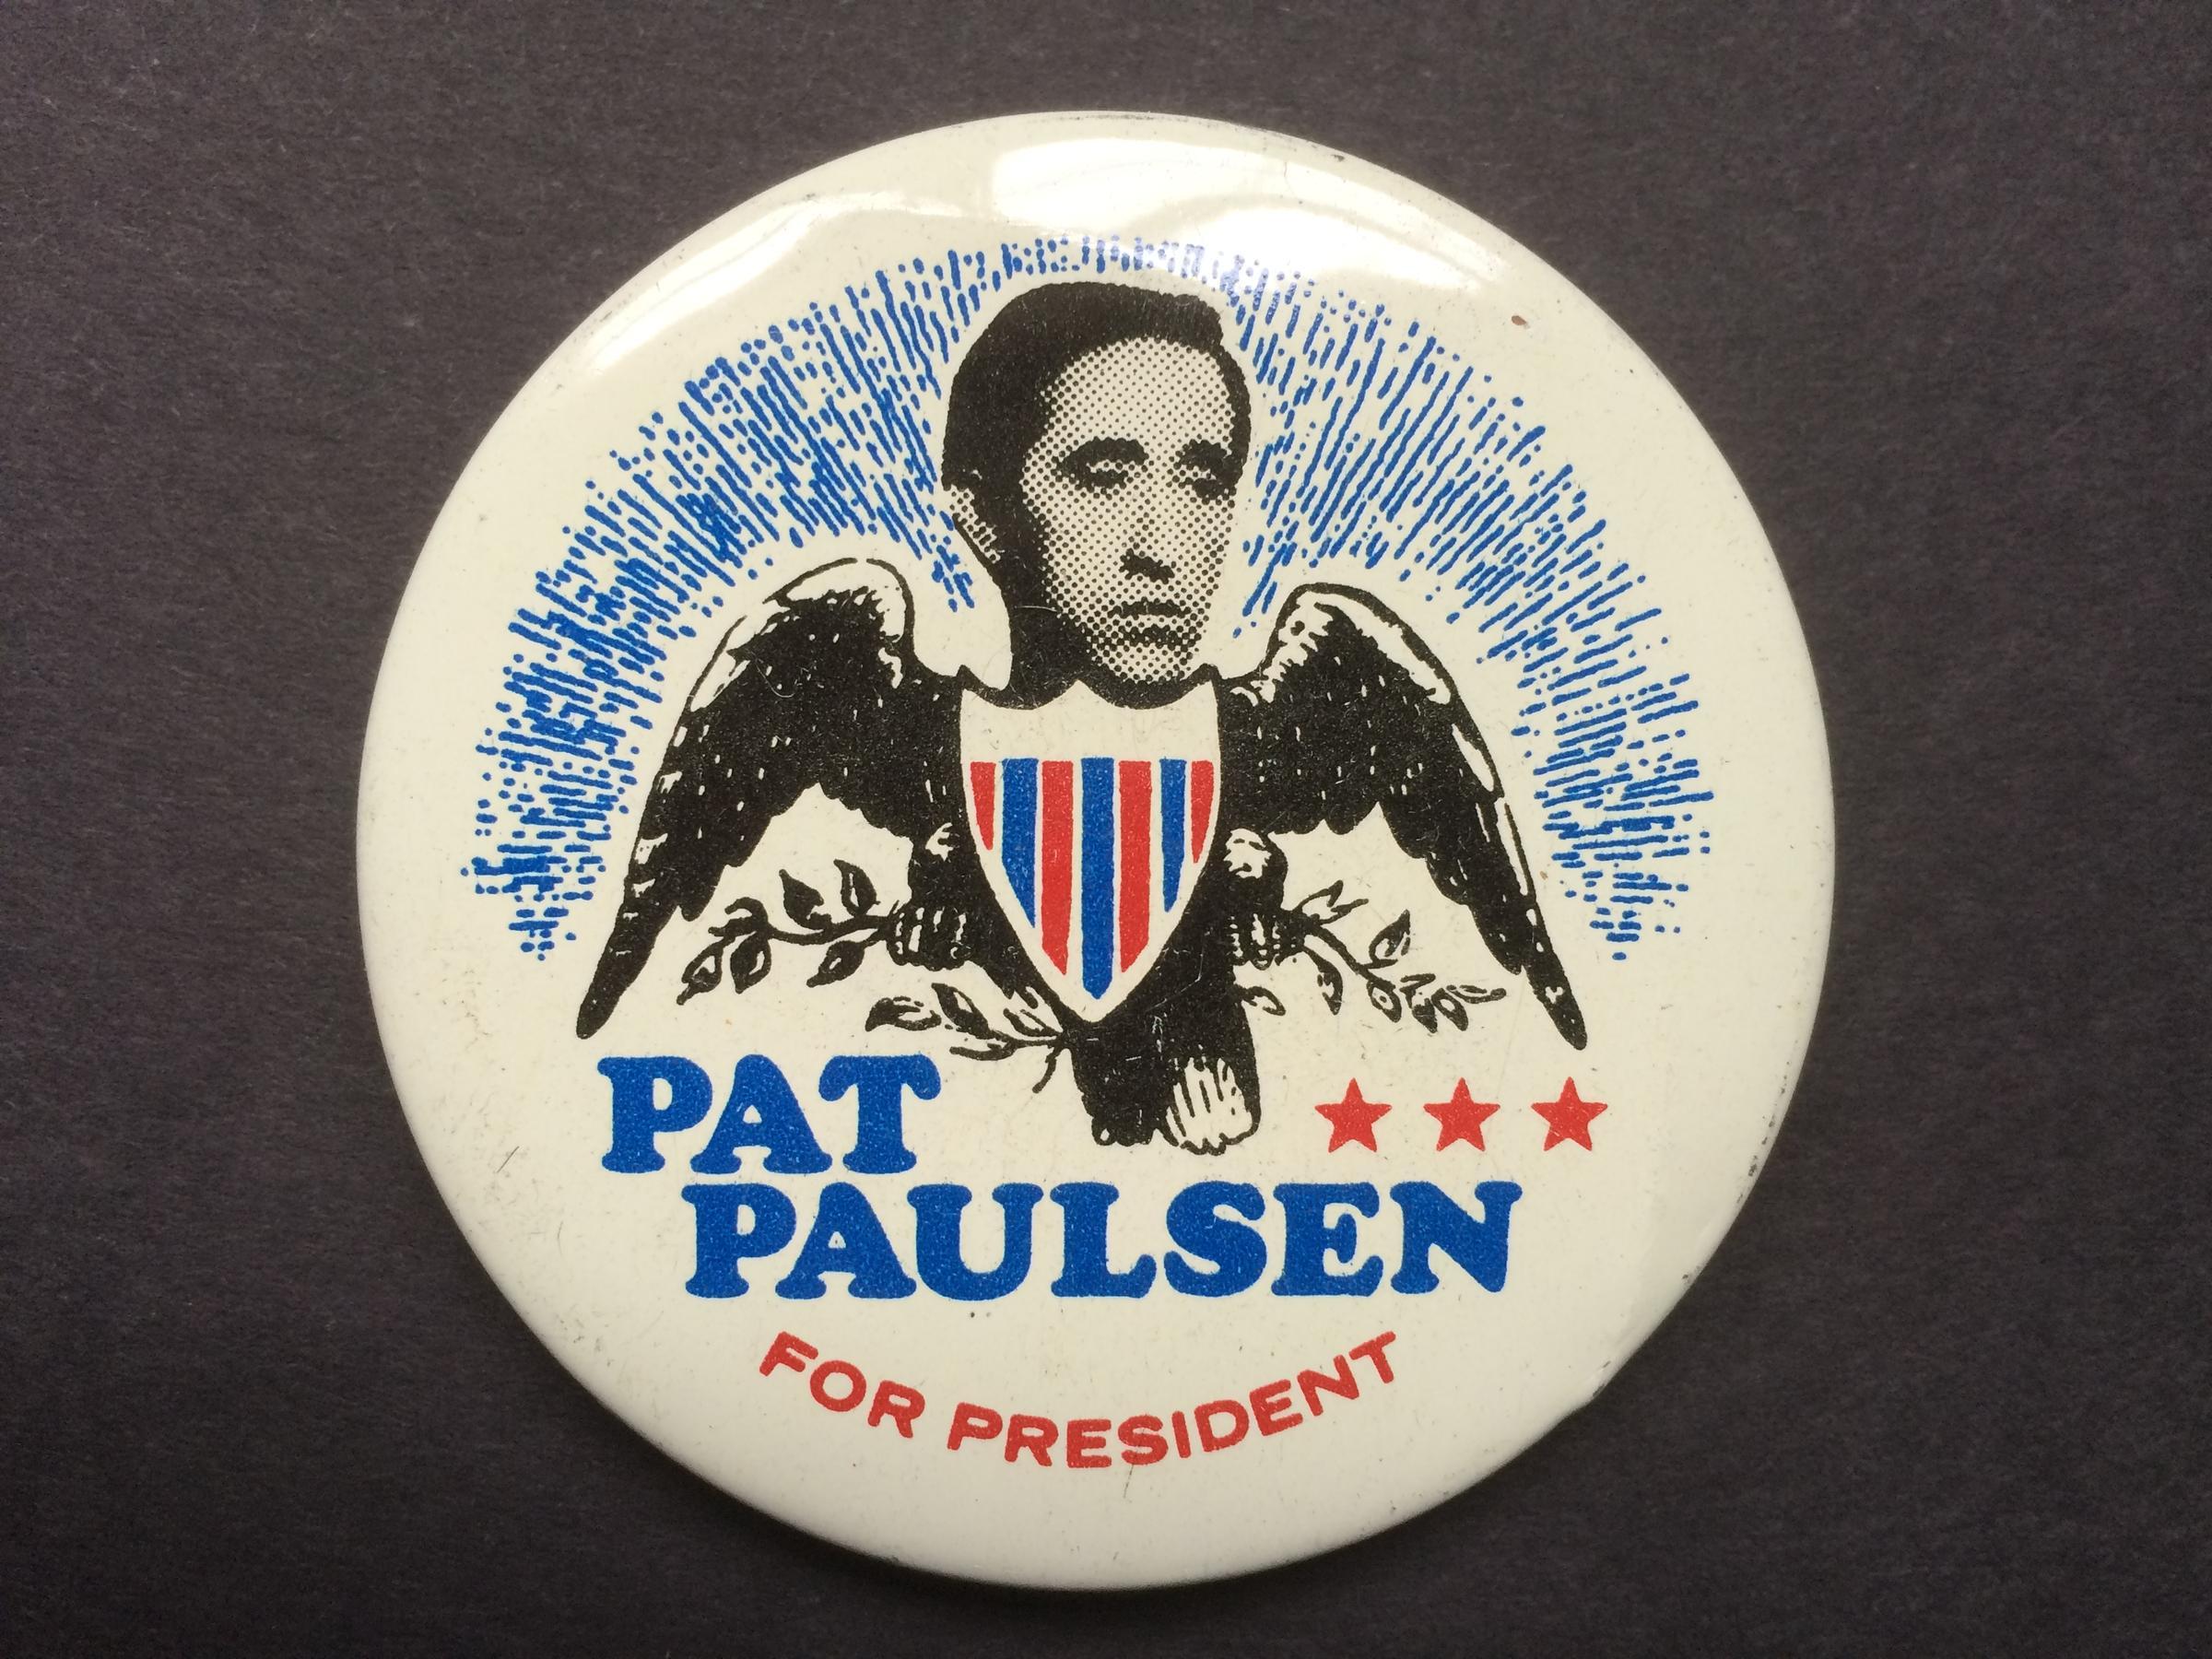 Pat Paulsen Car Show